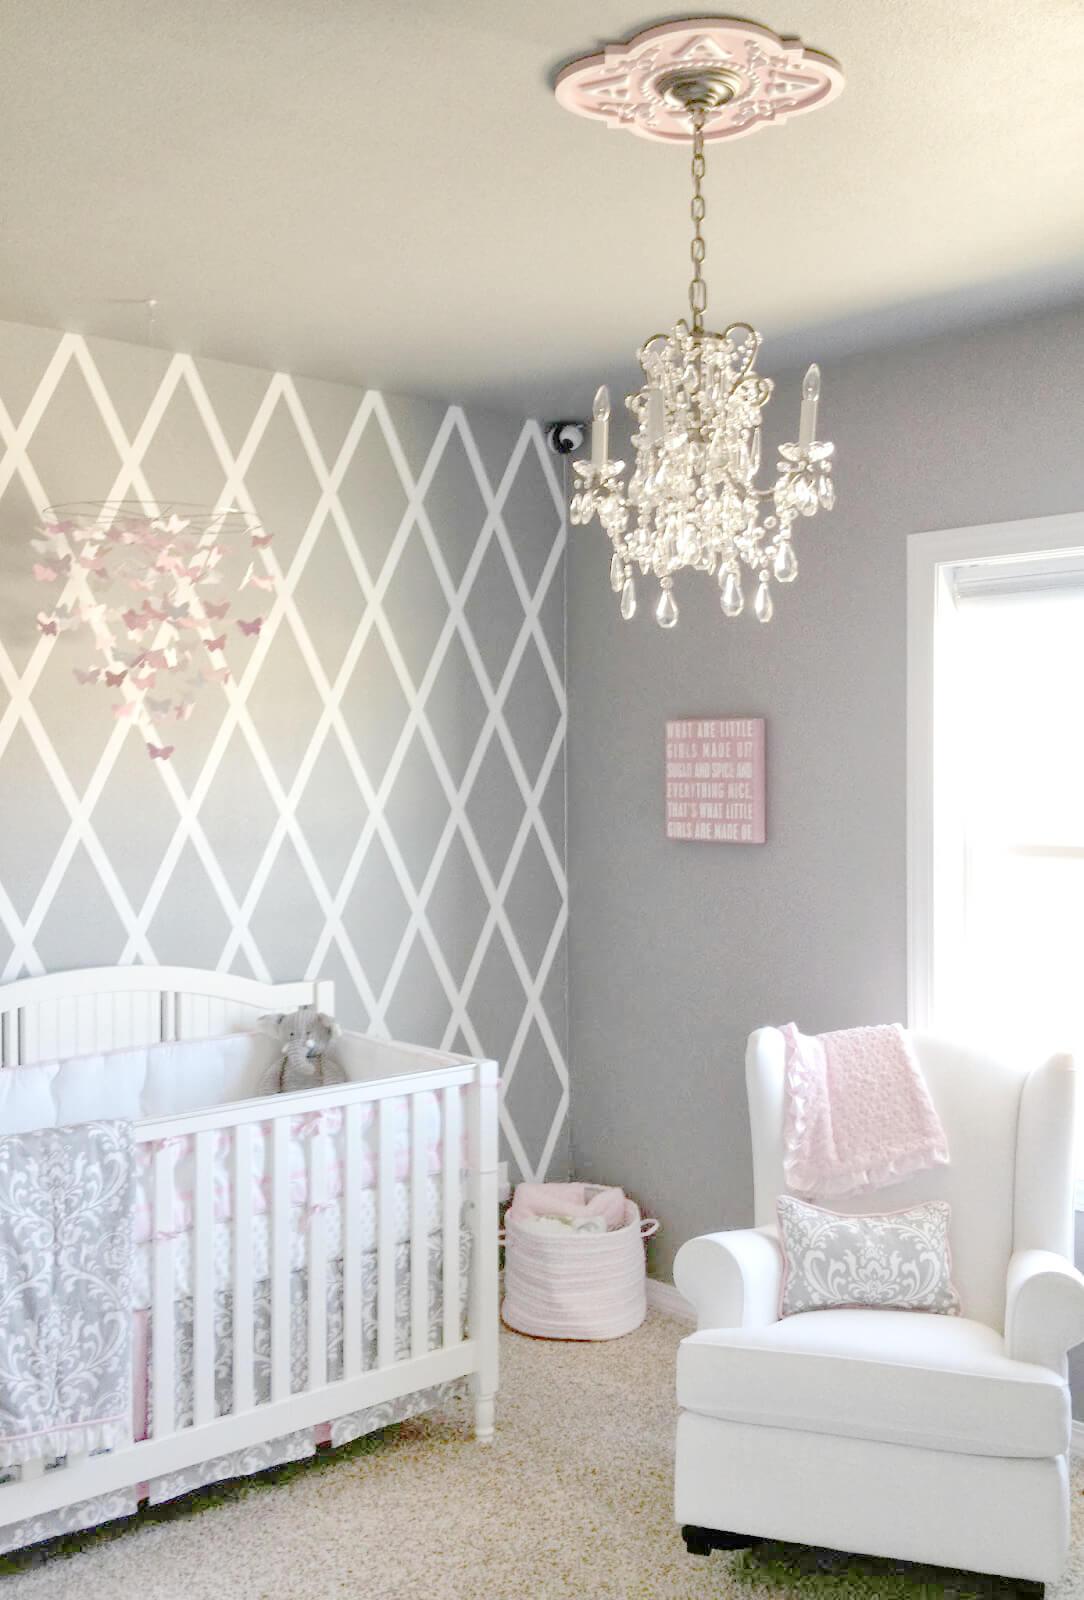 Add a Pretty Chandelier for Nursery Chic